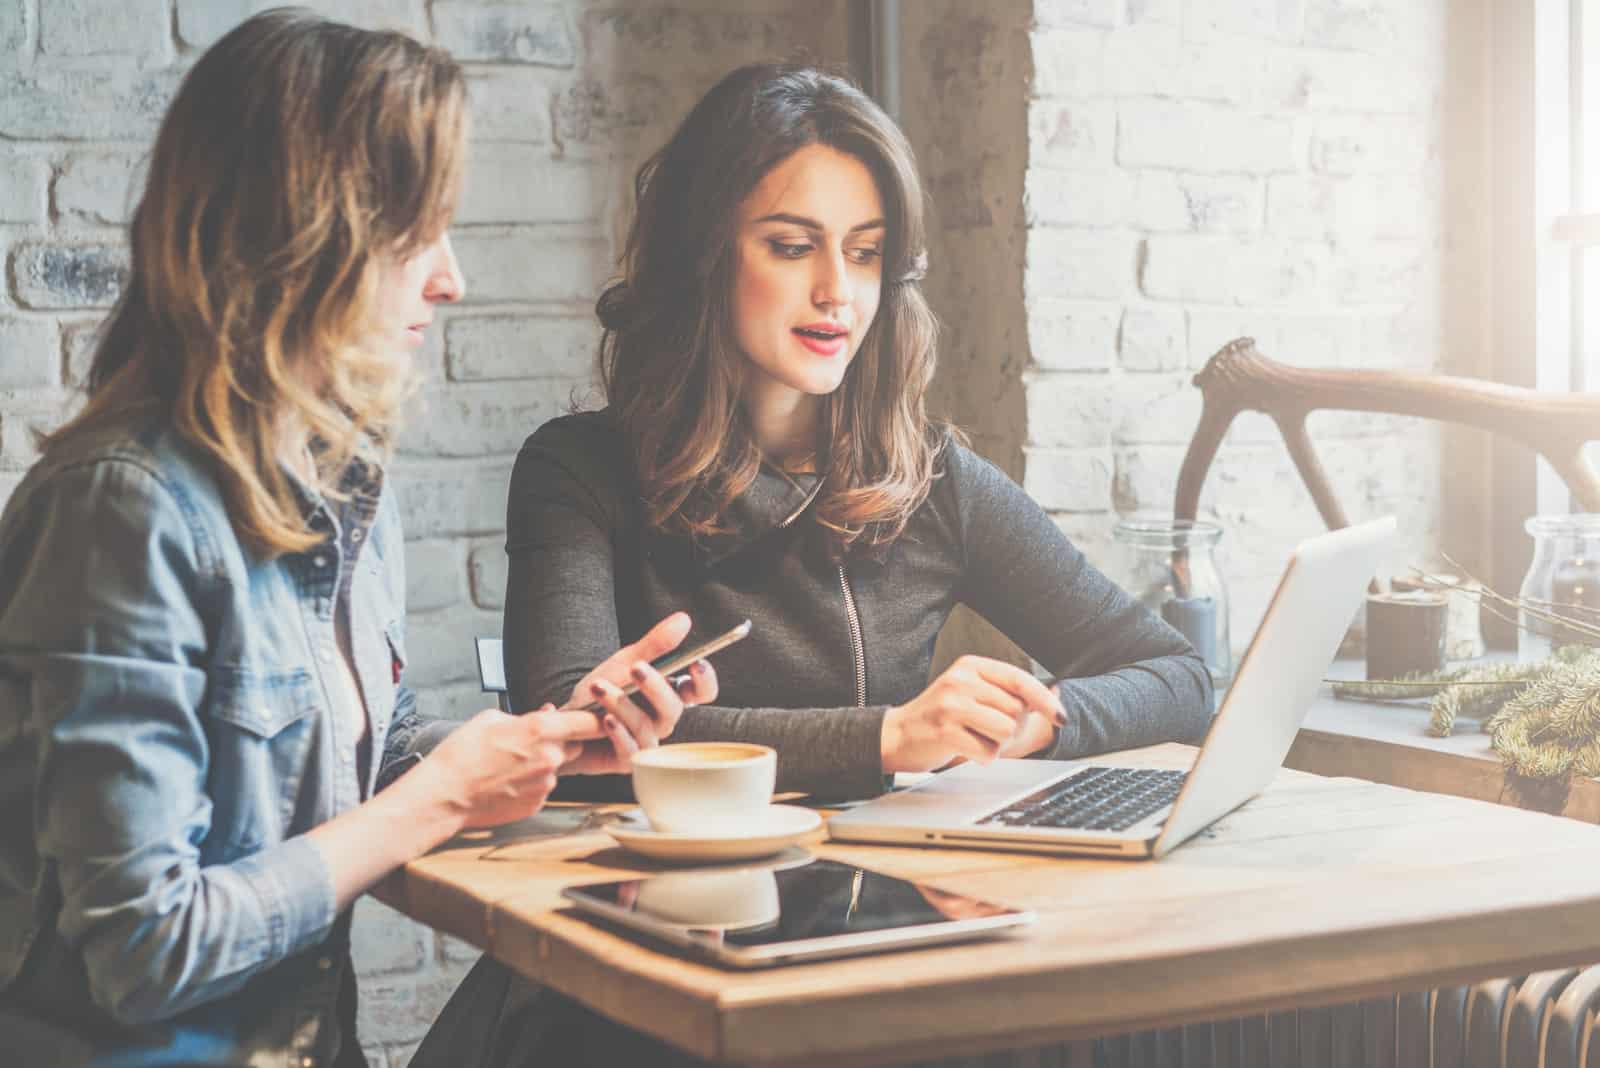 une femme aux cheveux noirs est assise devant un ordinateur portable et parle à un ami